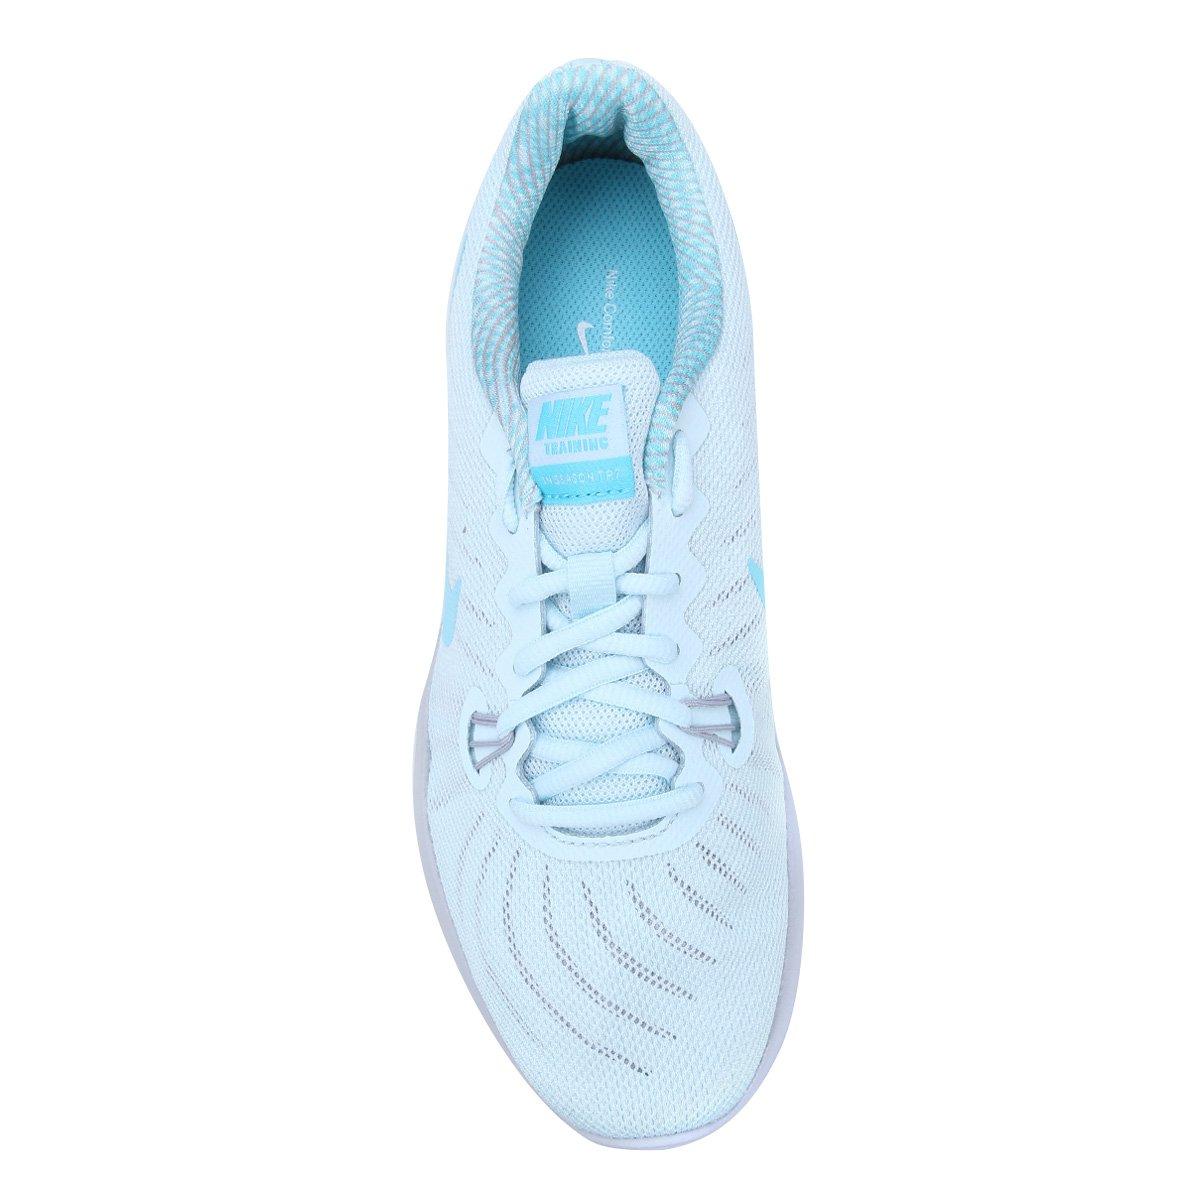 TR e Season Feminino 7 Cinza Azul Tênis In Nike tRqfwxqSF